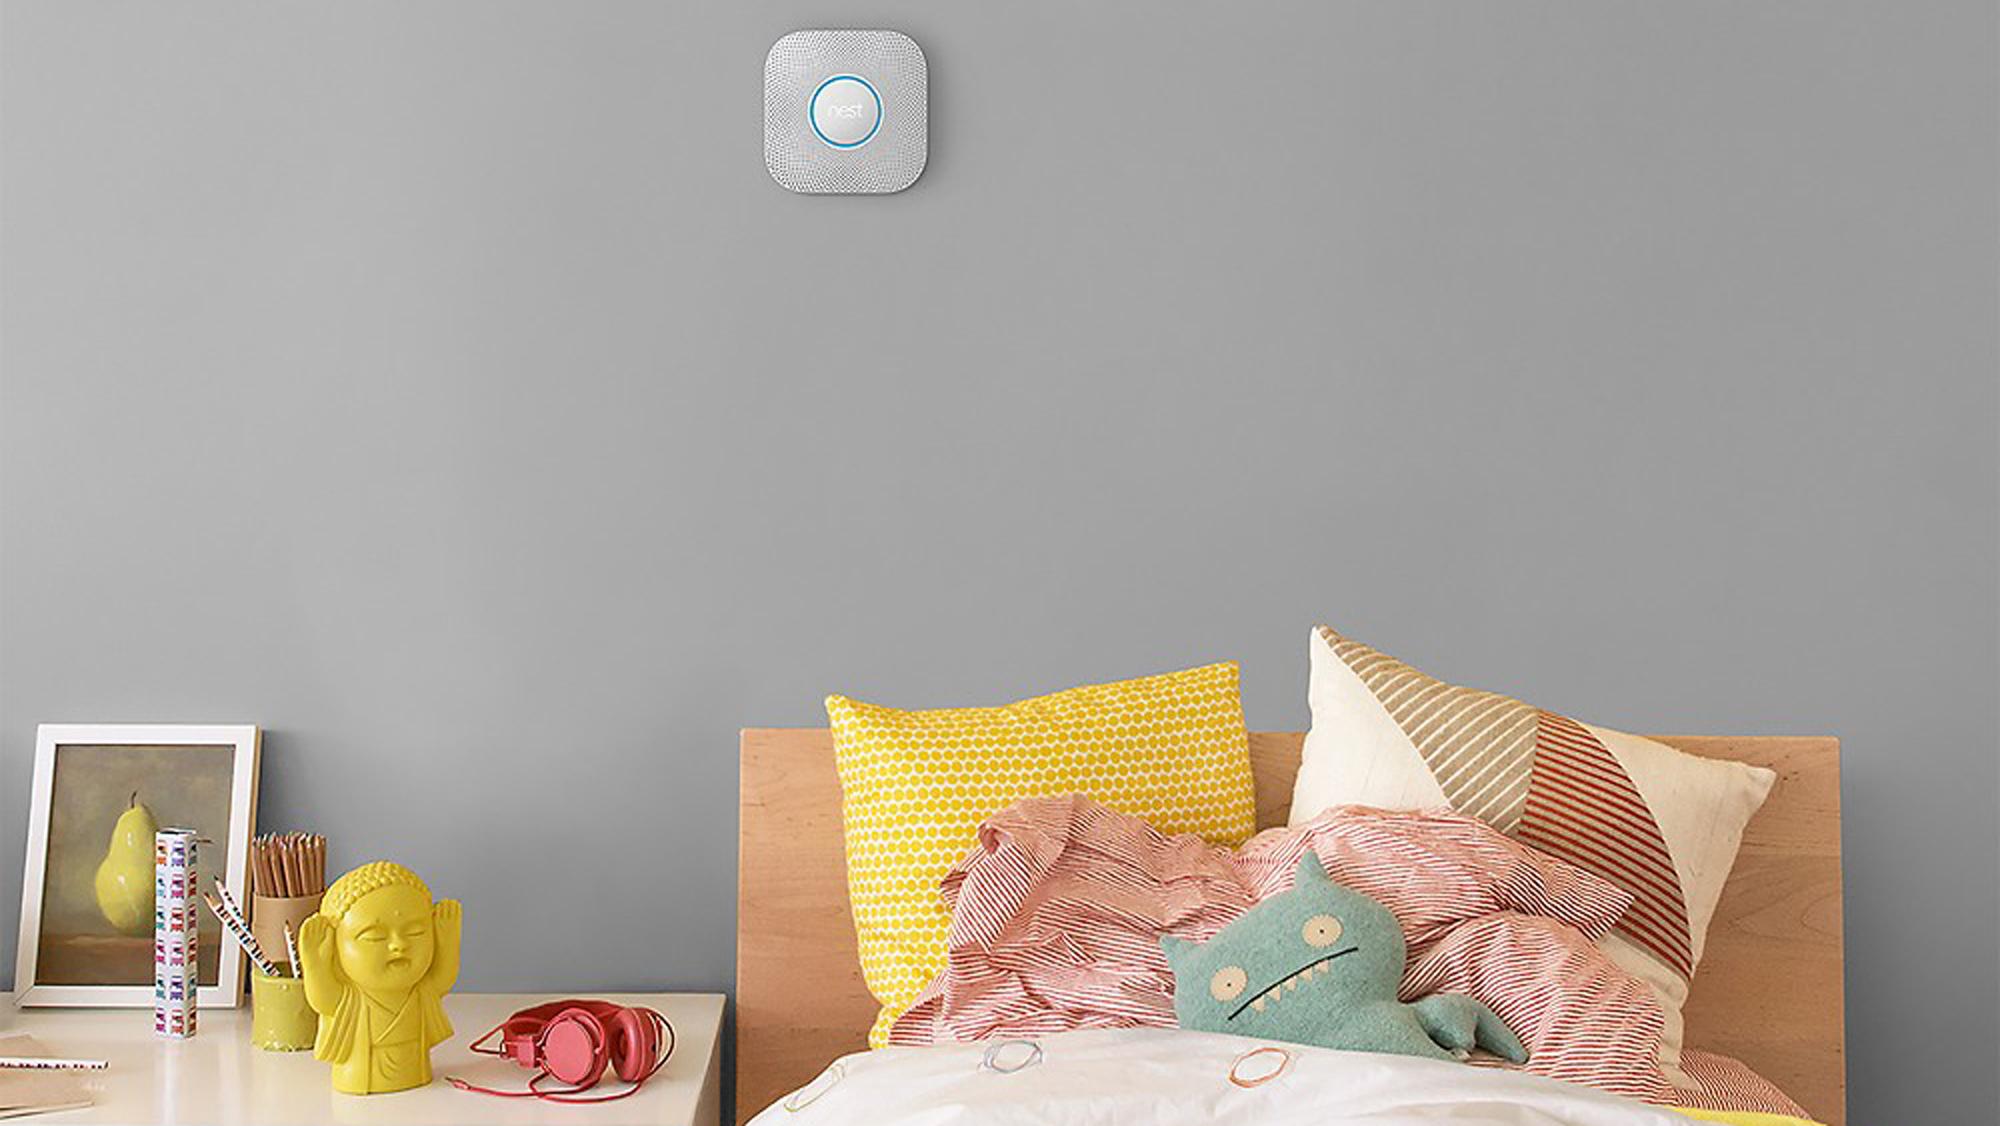 Los mejores detectores de humo inteligentes: Nest Protect